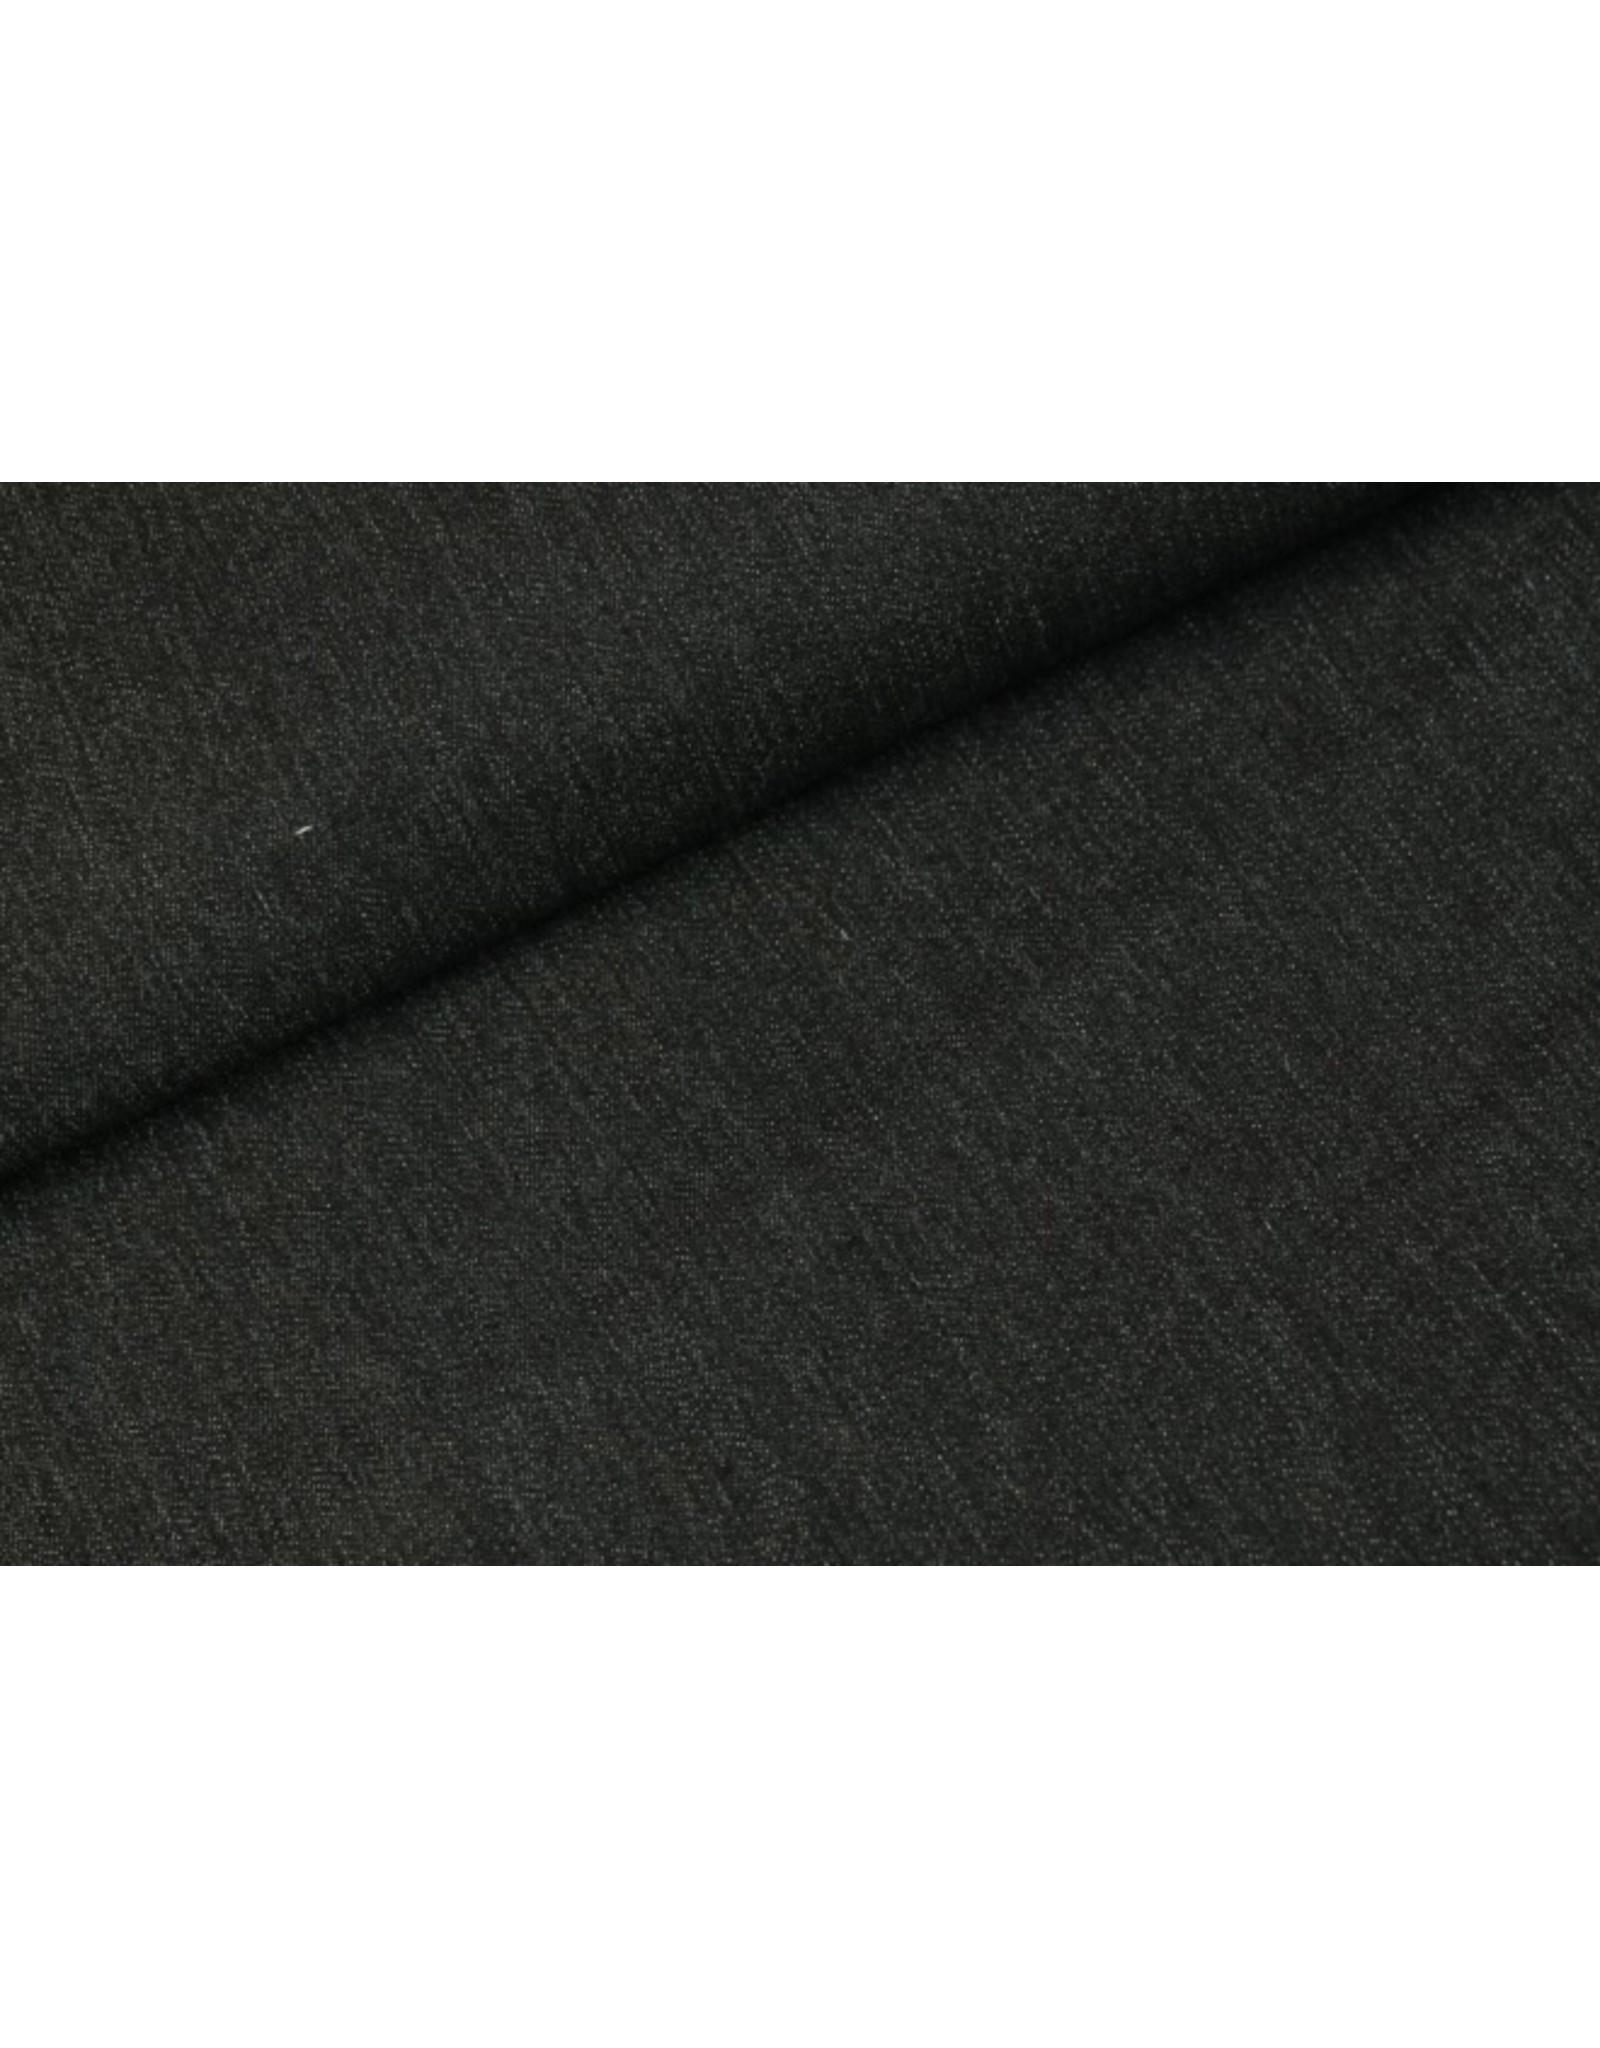 Denim Jeans gewaschen - Dunkle Navy